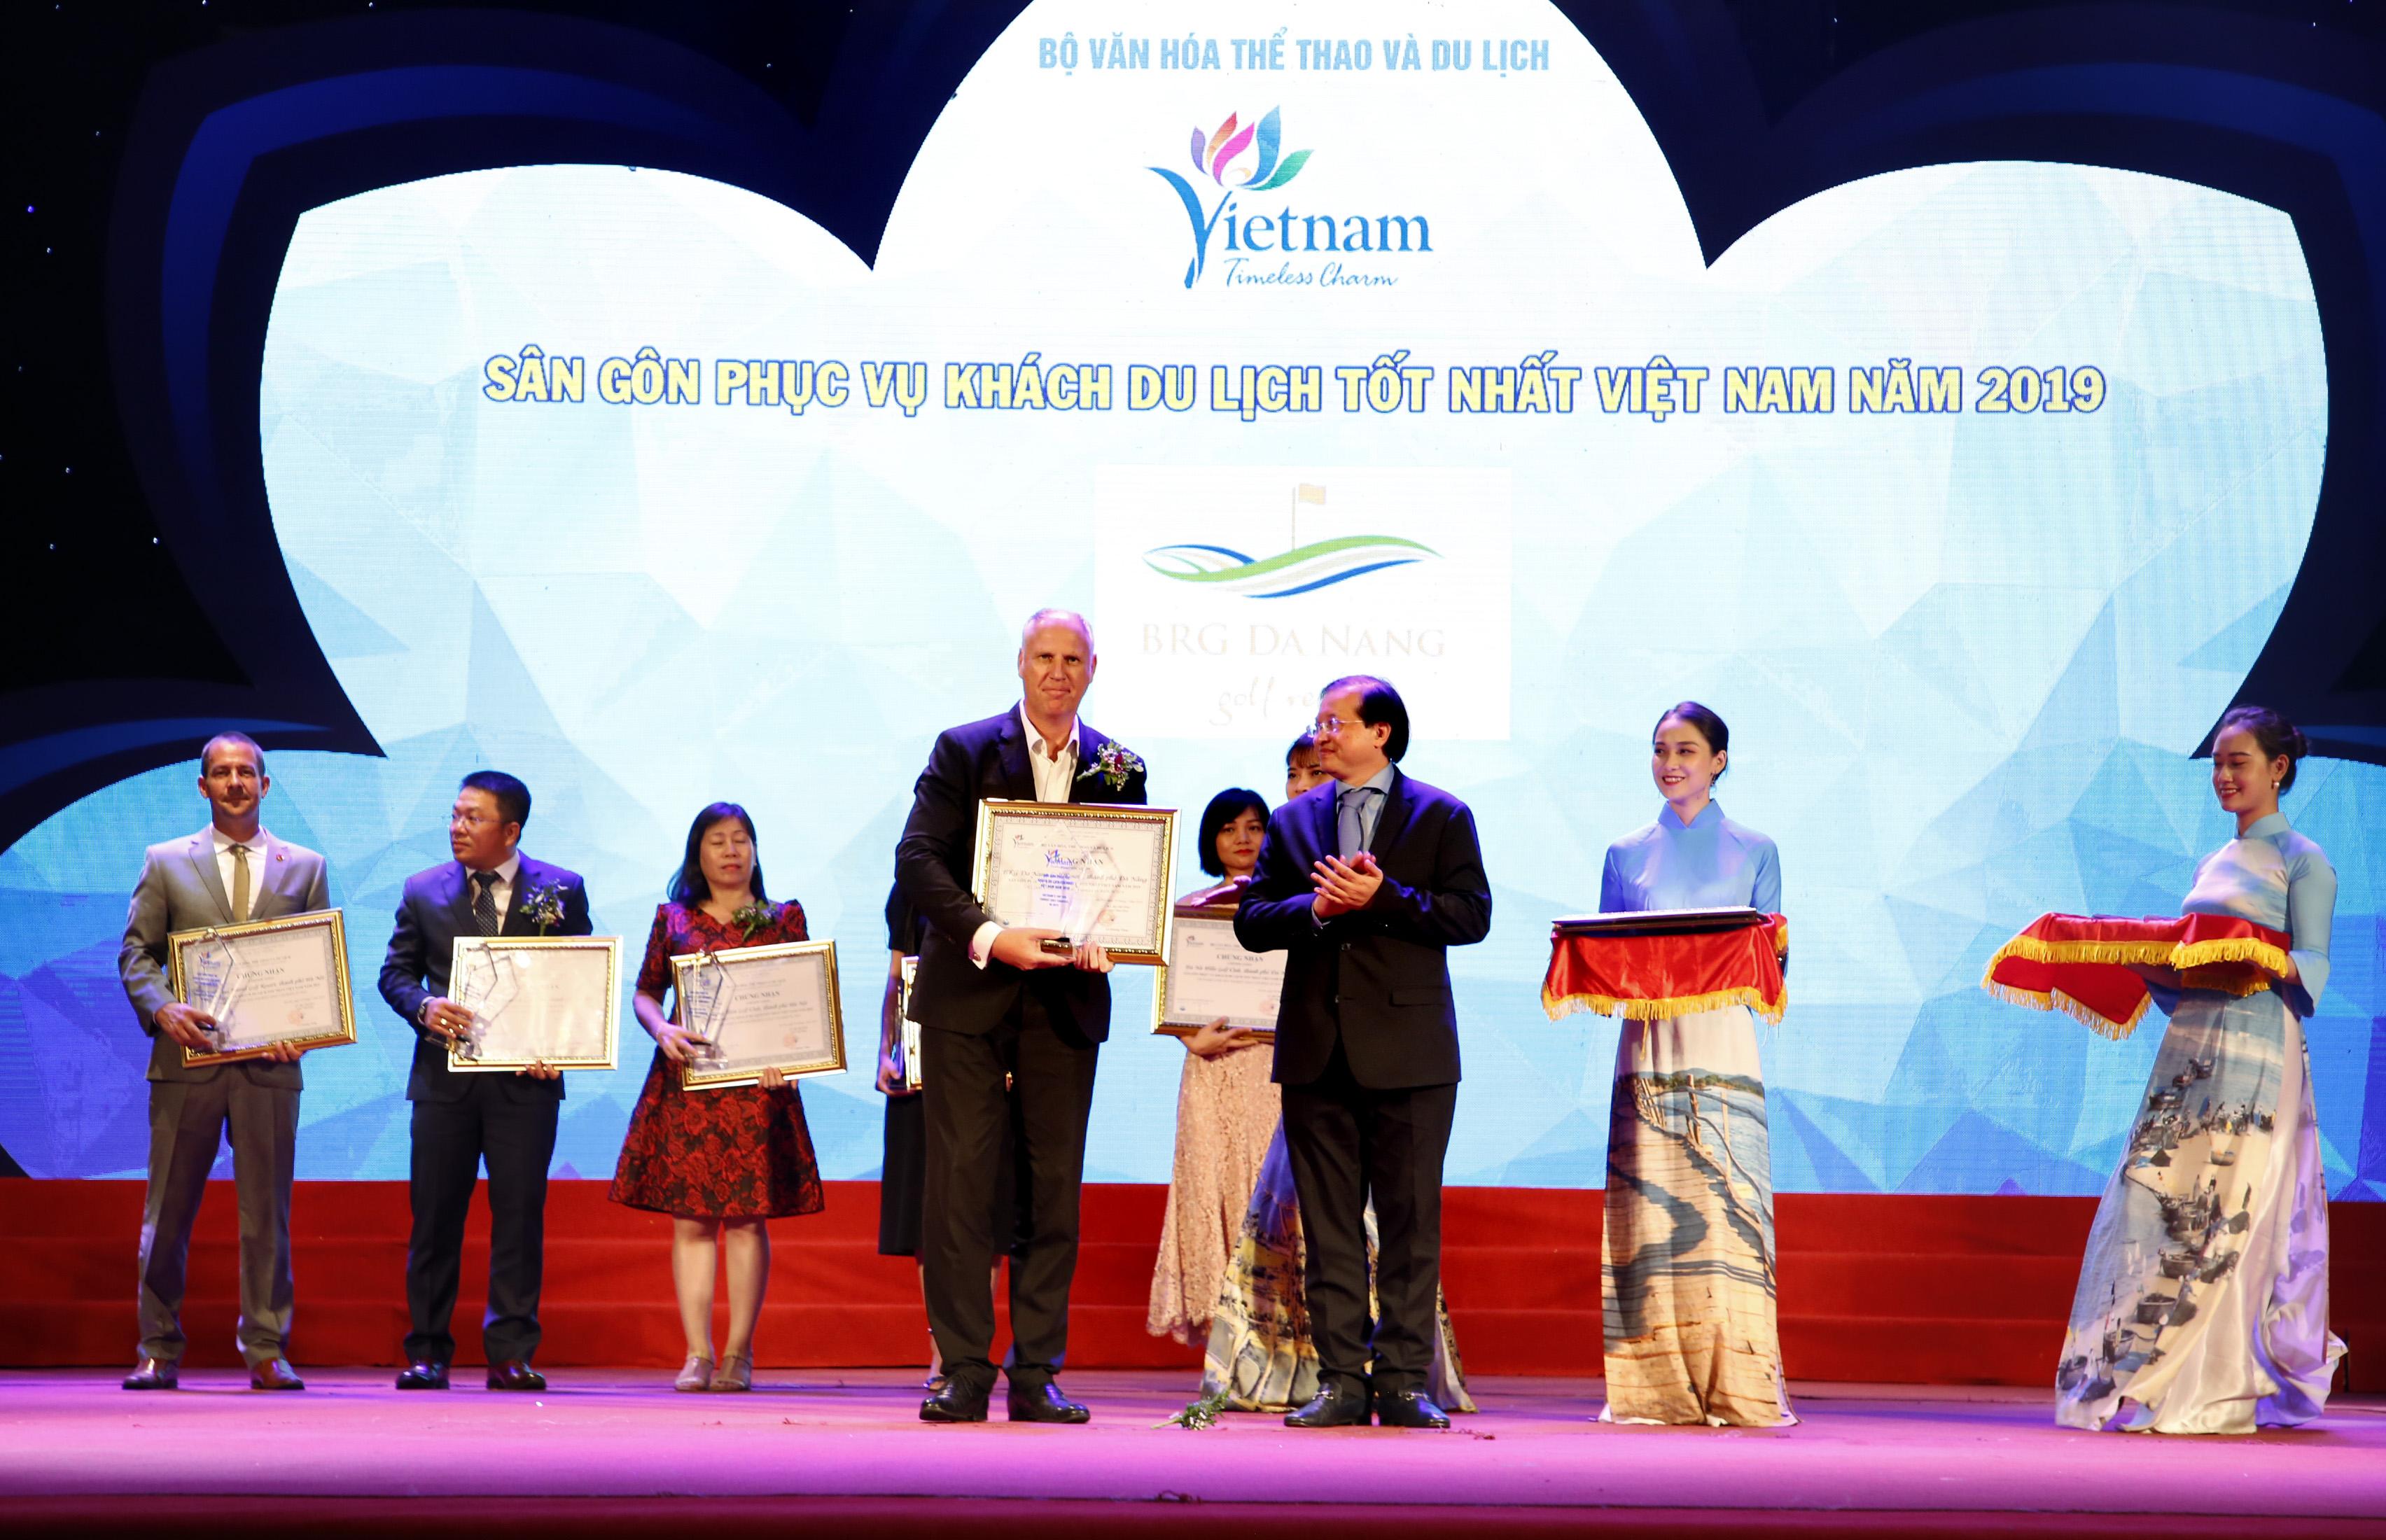 Tập đoàn BRG được vinh danh nhiều giải tại Giải thưởng Du lịch Việt Nam 2019 - Ảnh 2